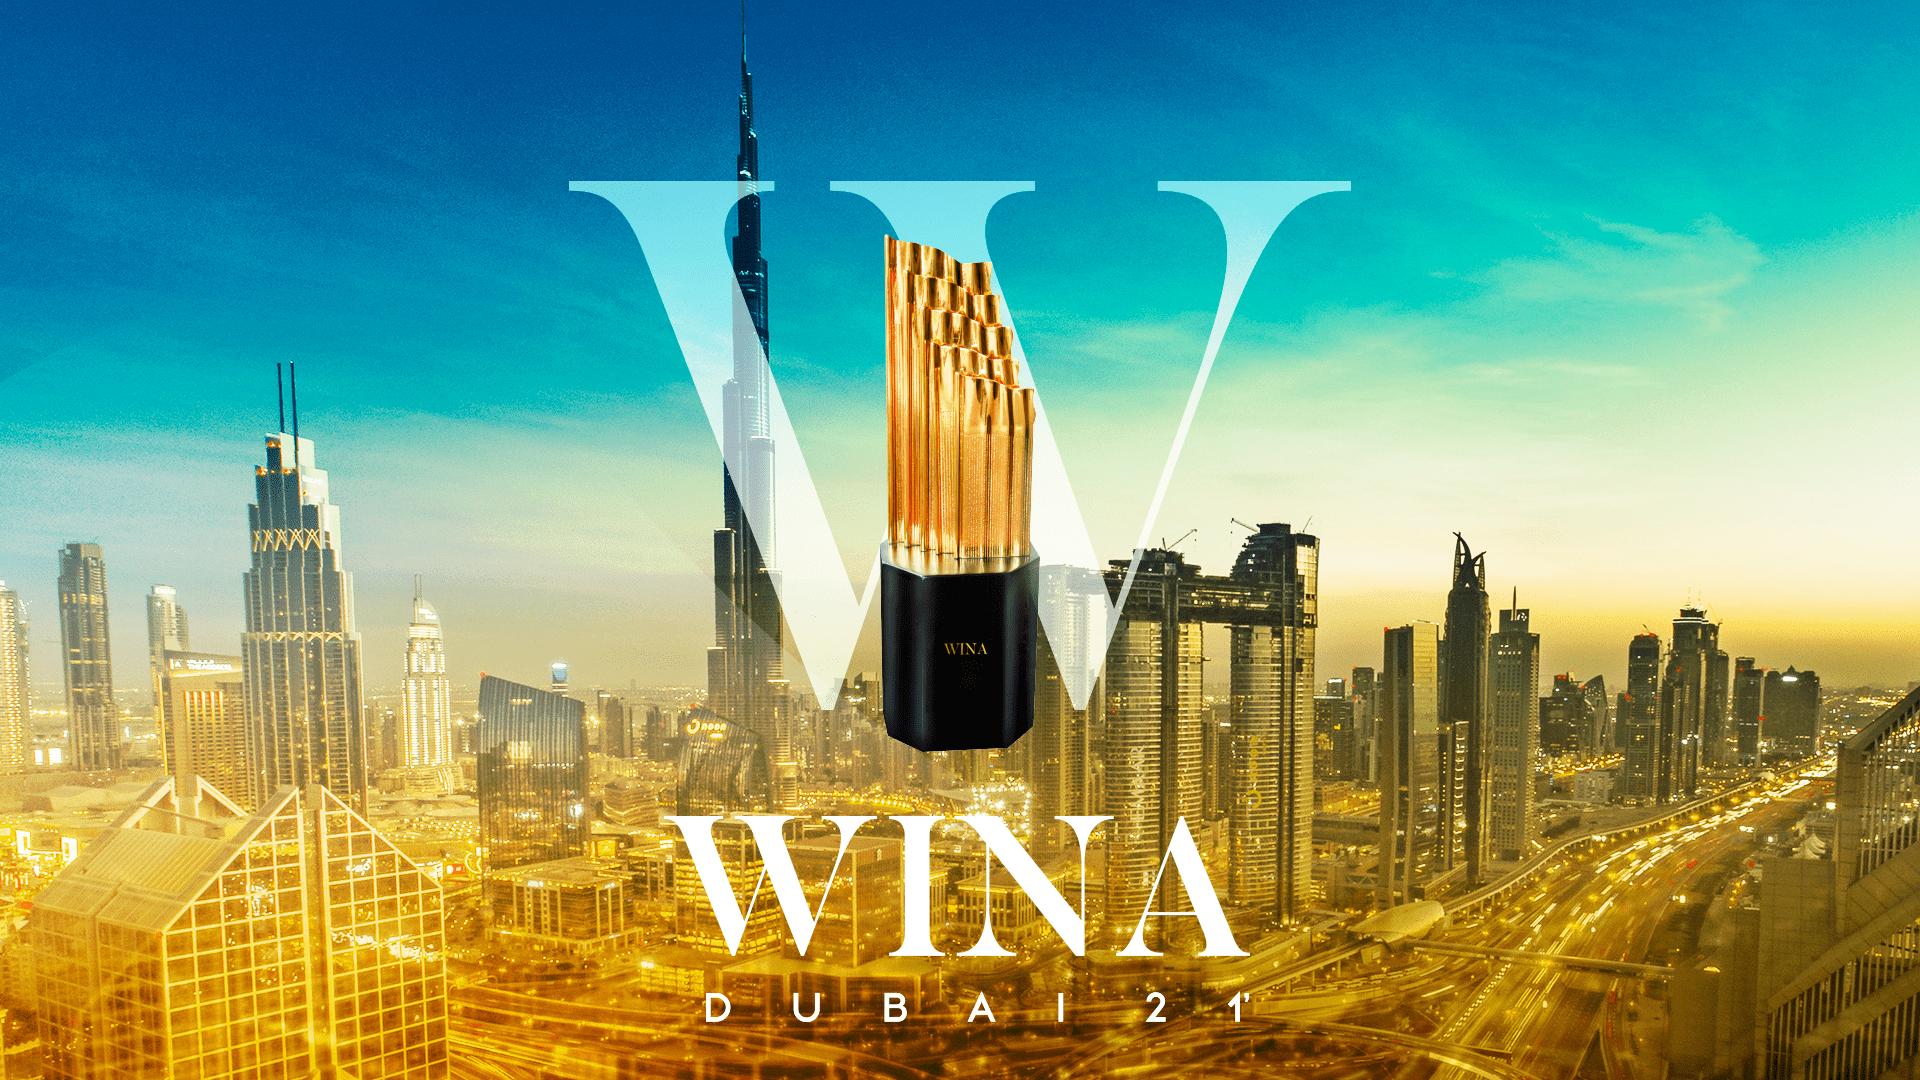 WINA confirma otros 20 jurados internacionales: hay varias sorpresas